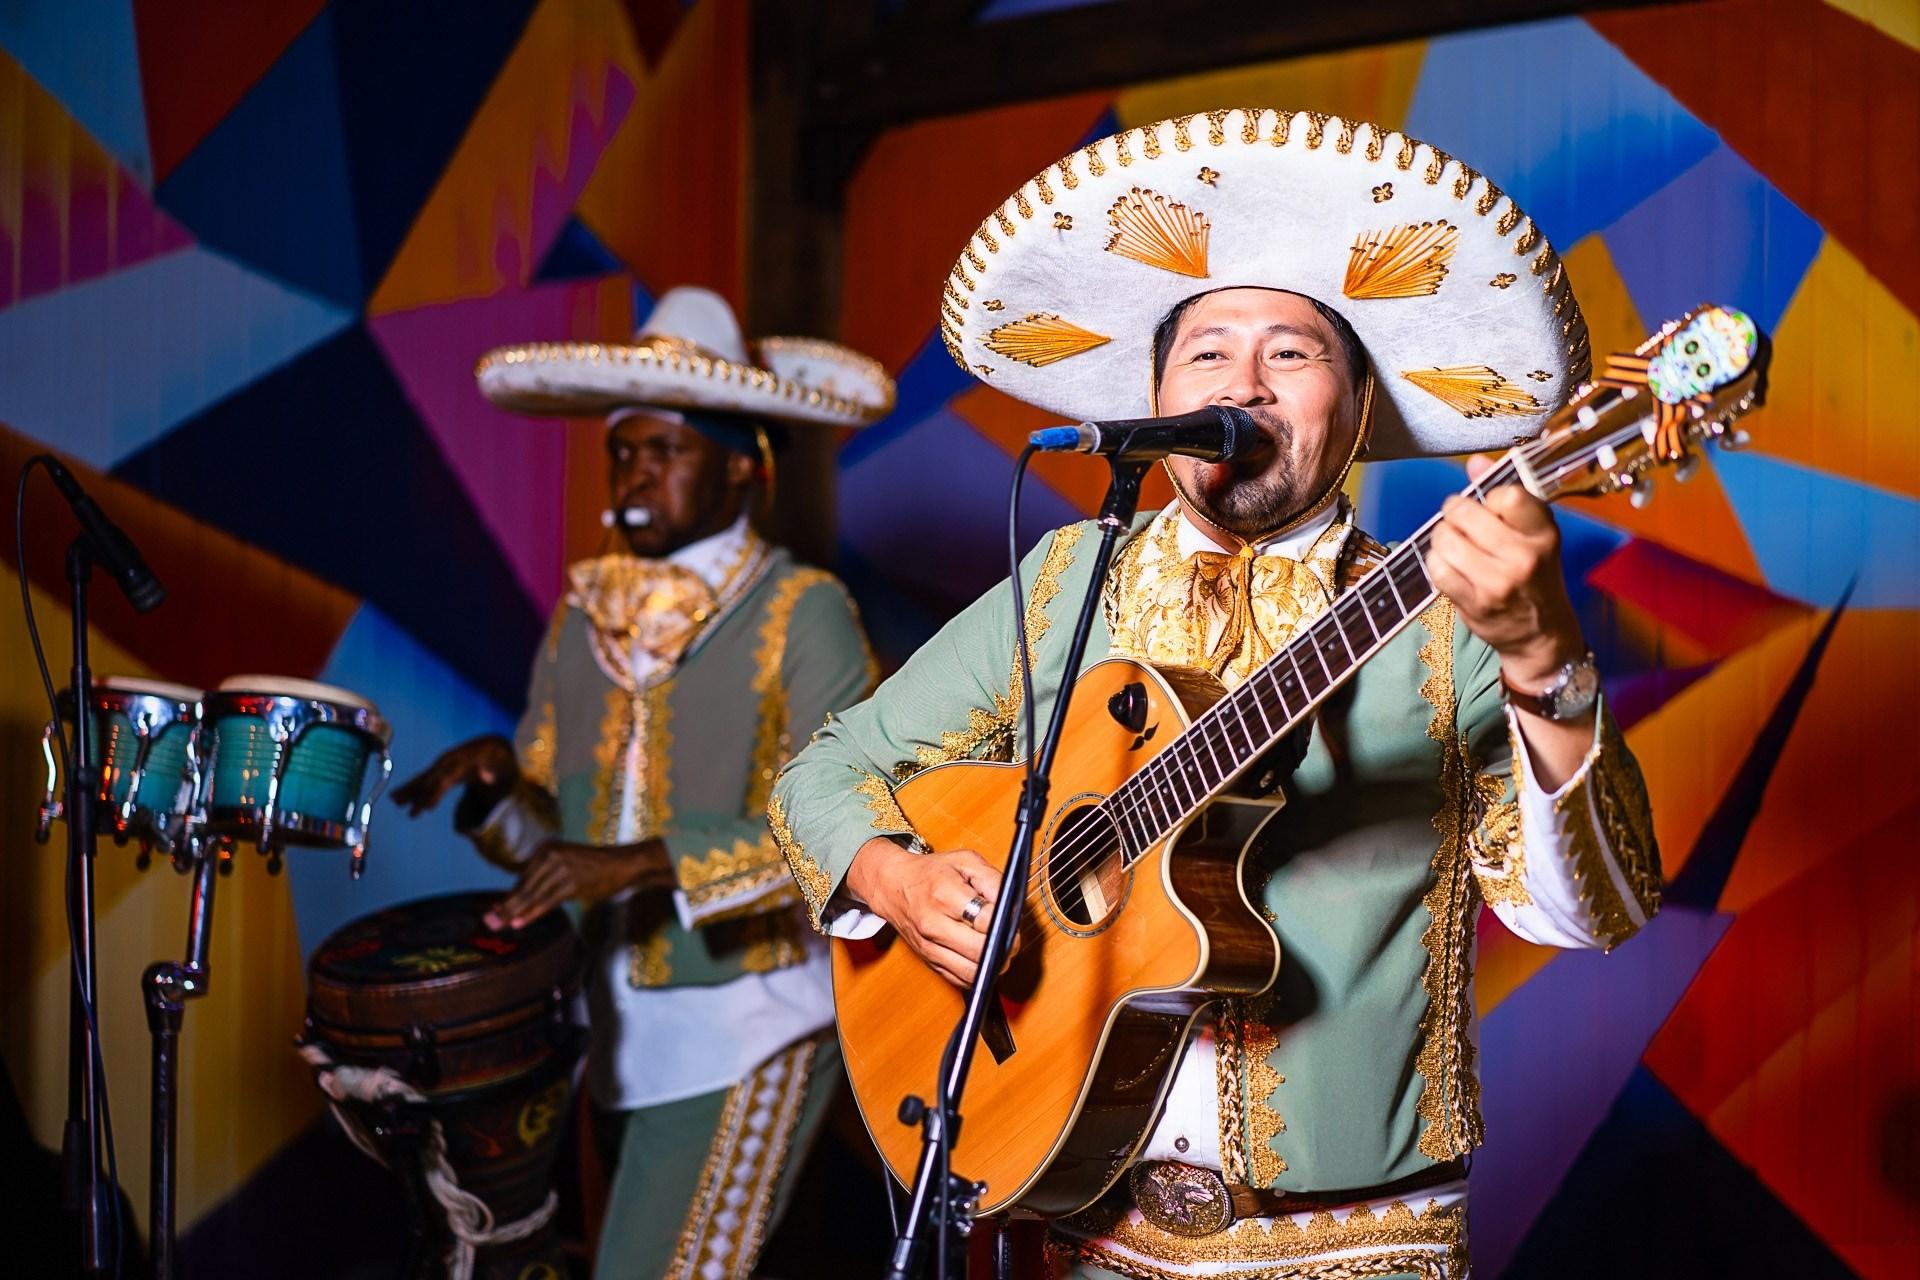 Юбилей в стиле Кубинской вечеринки | Празднуем юбилей